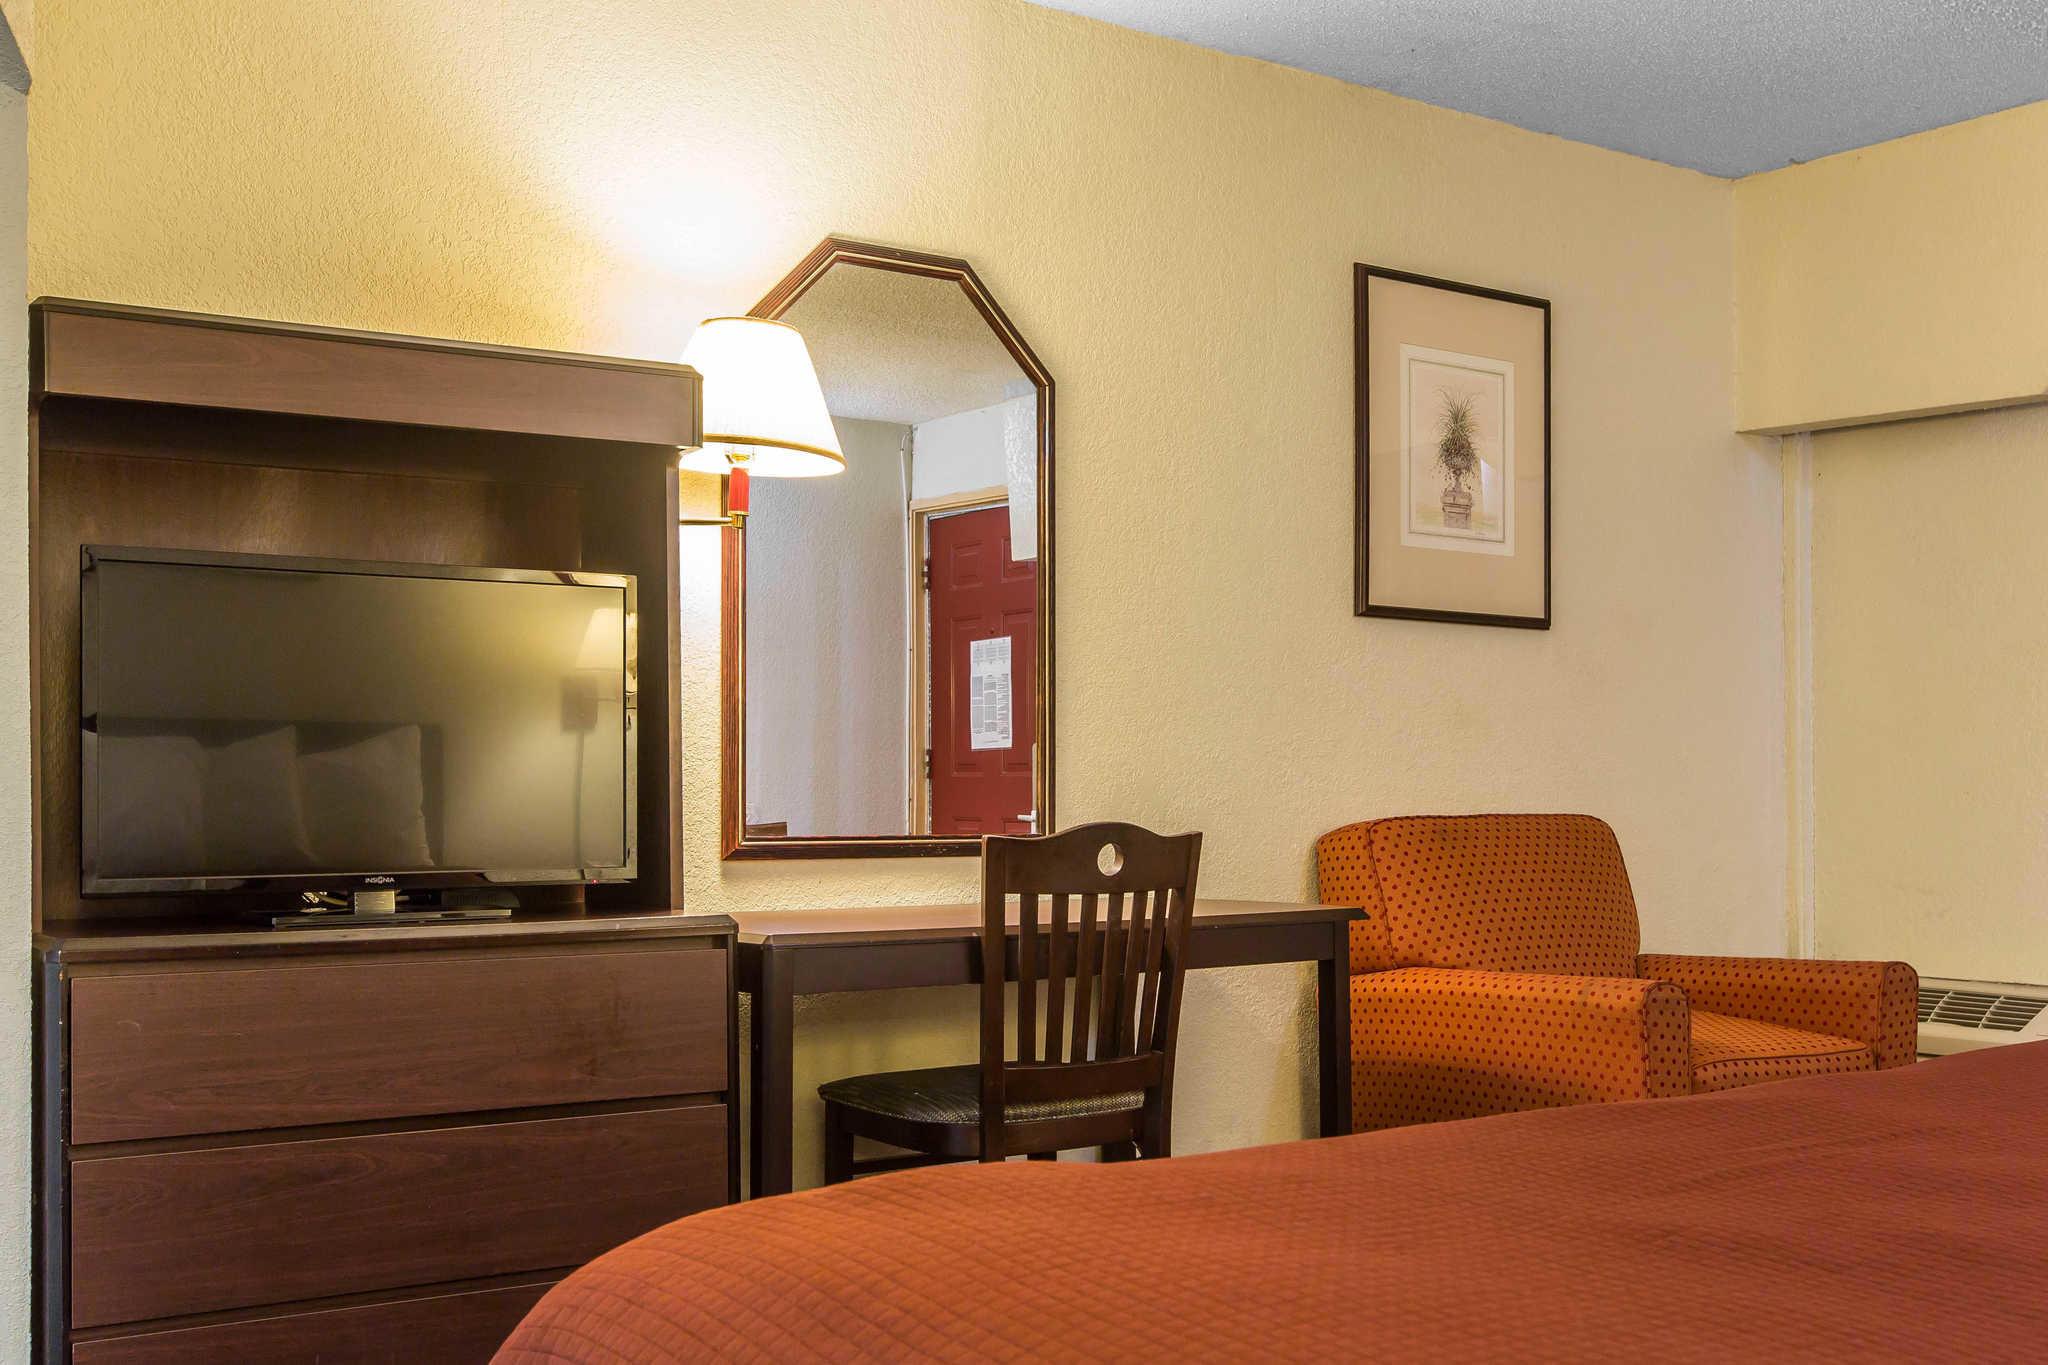 Rodeway Inn & Suites image 18